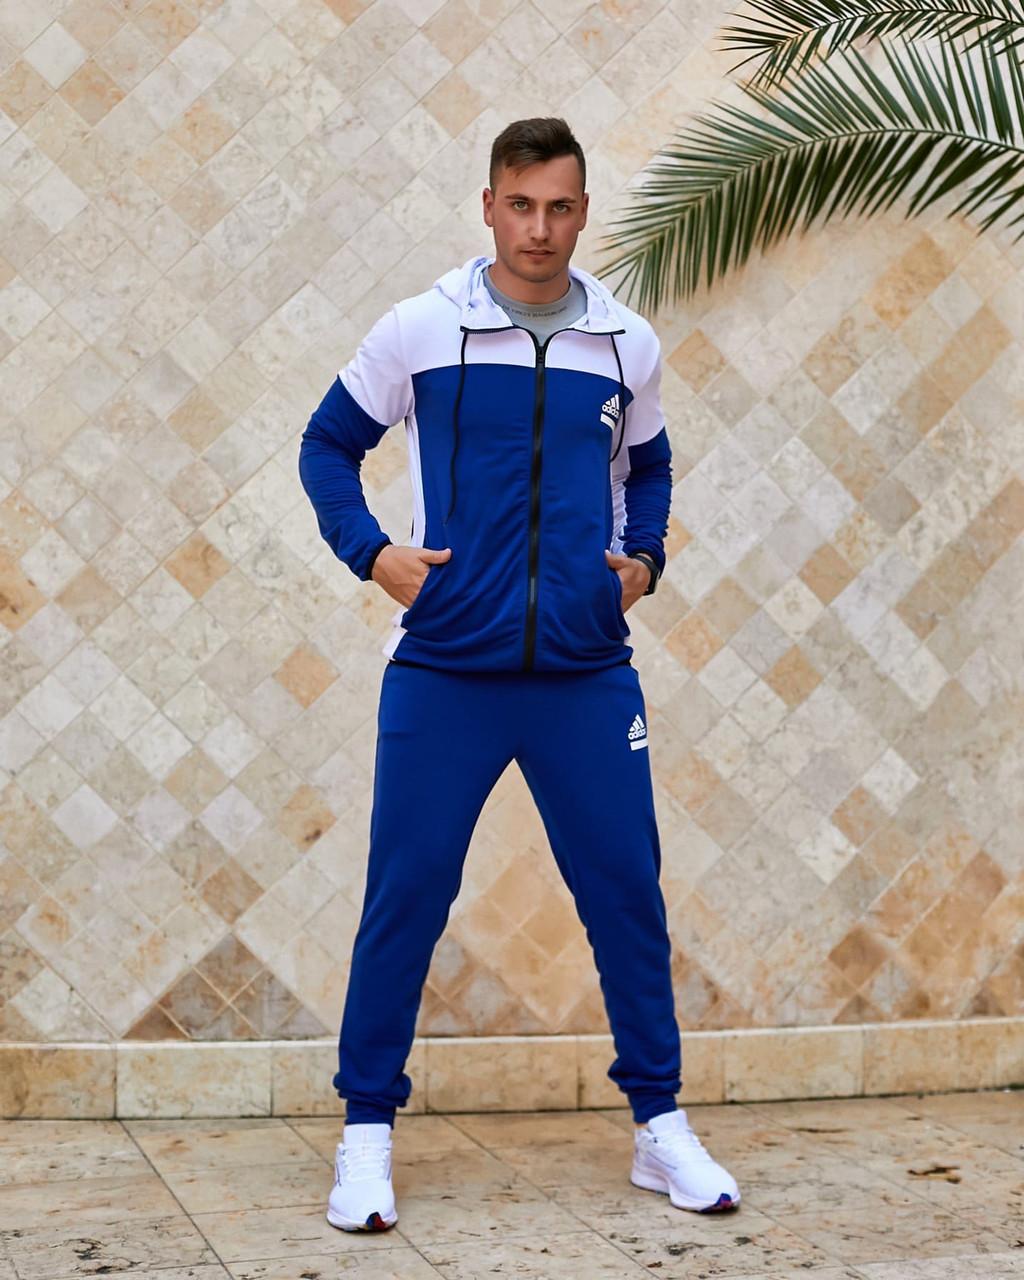 Чоловічий прогулянковий спортивний костюм: кофта з капюшоном і штани з манжетами